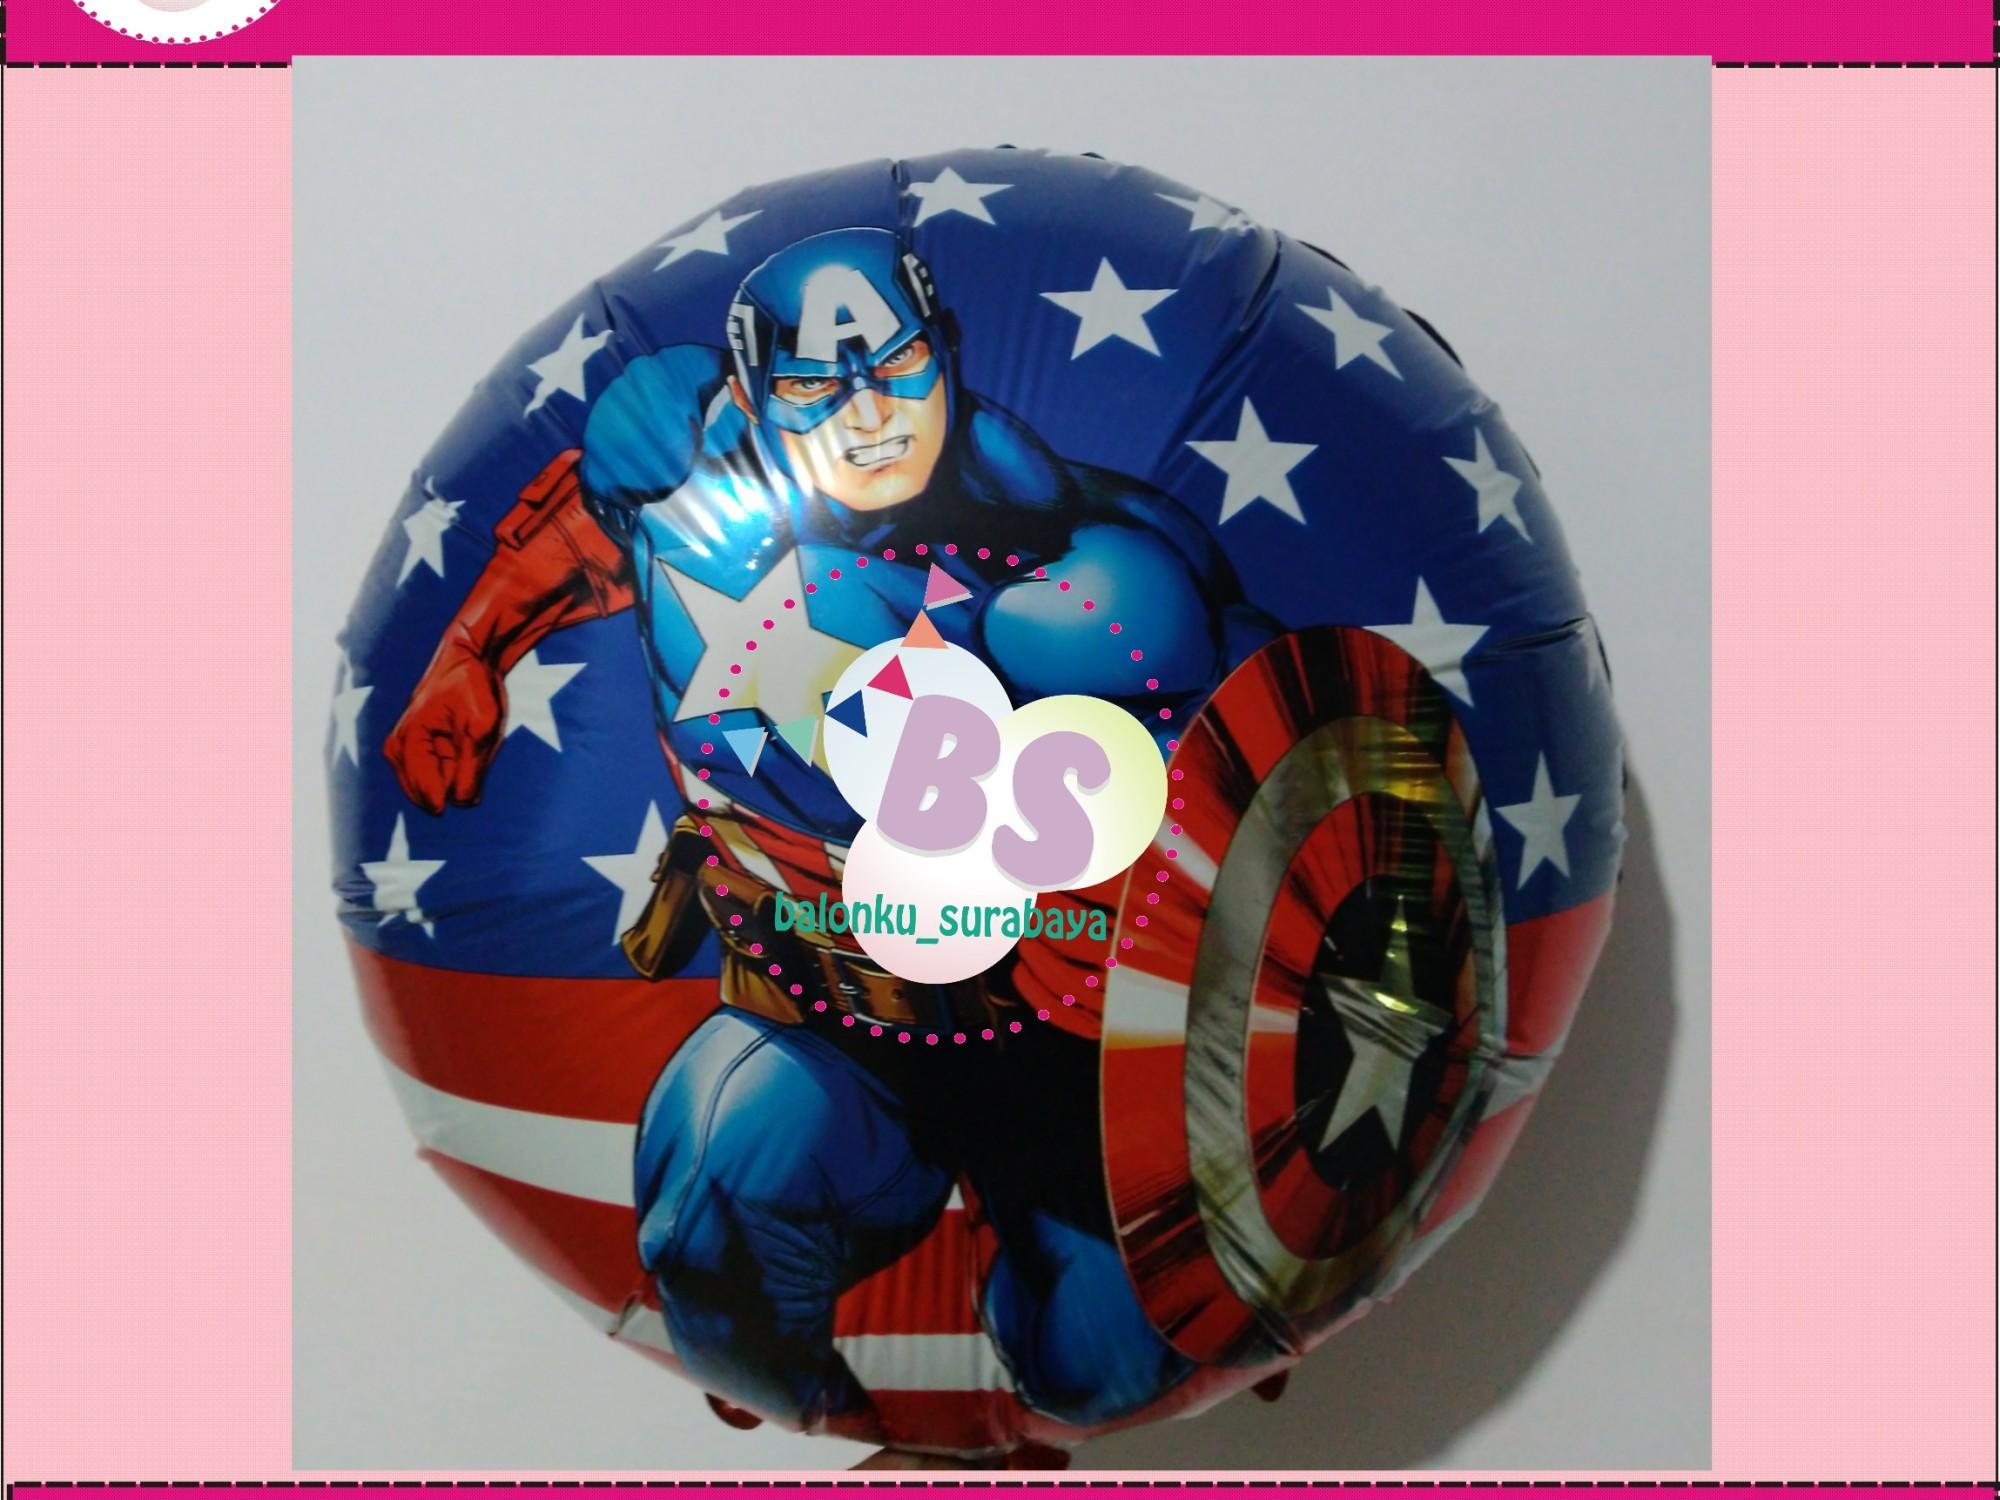 Balon karakter,Bunga dekorasi,Rangkaian bunga artificial, Buket bunga, buket bunga mawar, harga buket bunga,Balon sablon, balon Printing, balon promosi, , Perlengkapan ulang tahun, Balon latex , balon doff, balon latex, balon doff merah, balon natal, balon agustusan, balon dekorasi, balonku Surabaya, 085733133529